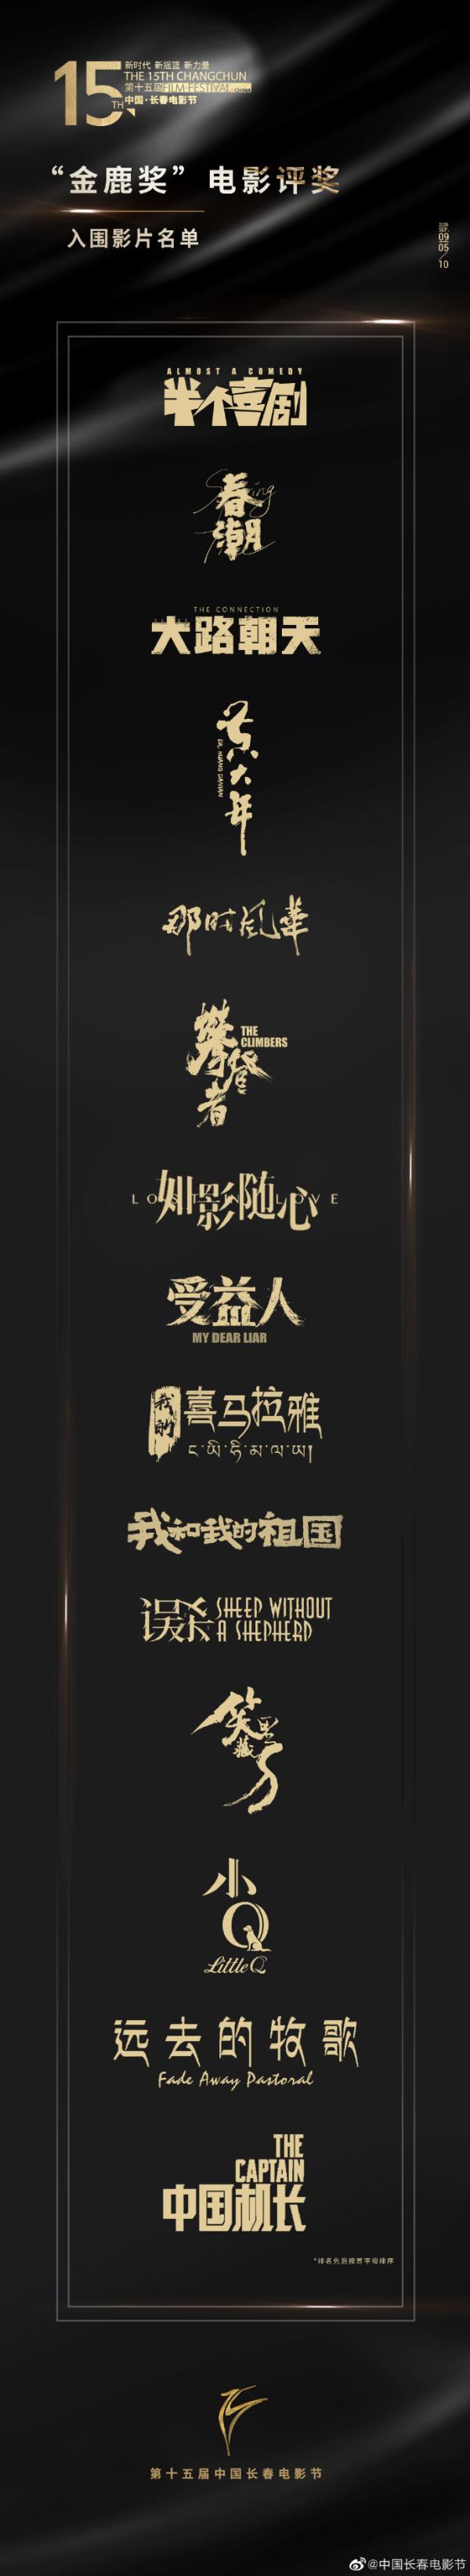 第十五届中国长春电影节公布入围影片名单